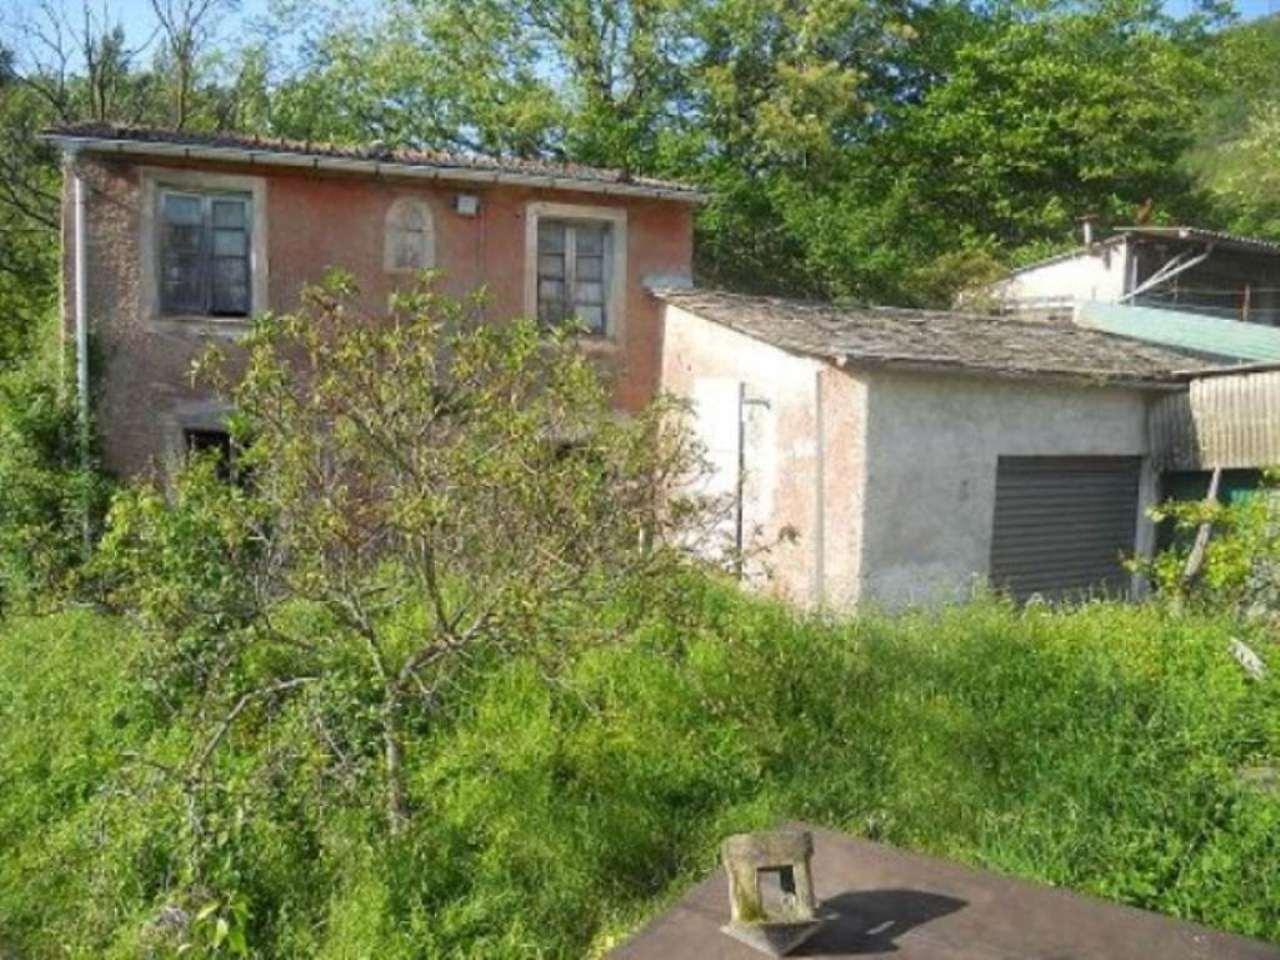 Soluzione Indipendente in vendita a Moconesi, 6 locali, prezzo € 55.000 | Cambio Casa.it